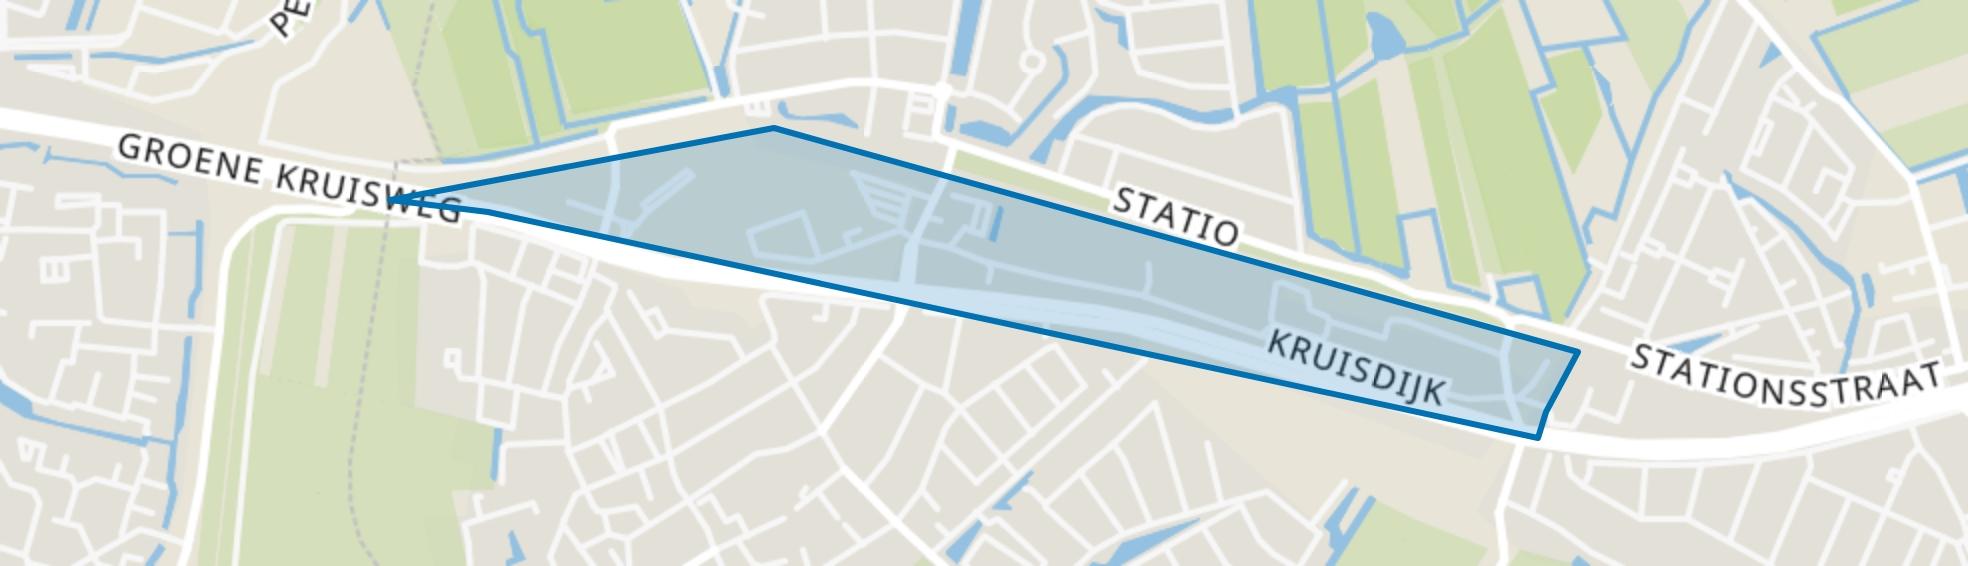 Zwaardijk-Kruisdijk, Poortugaal map